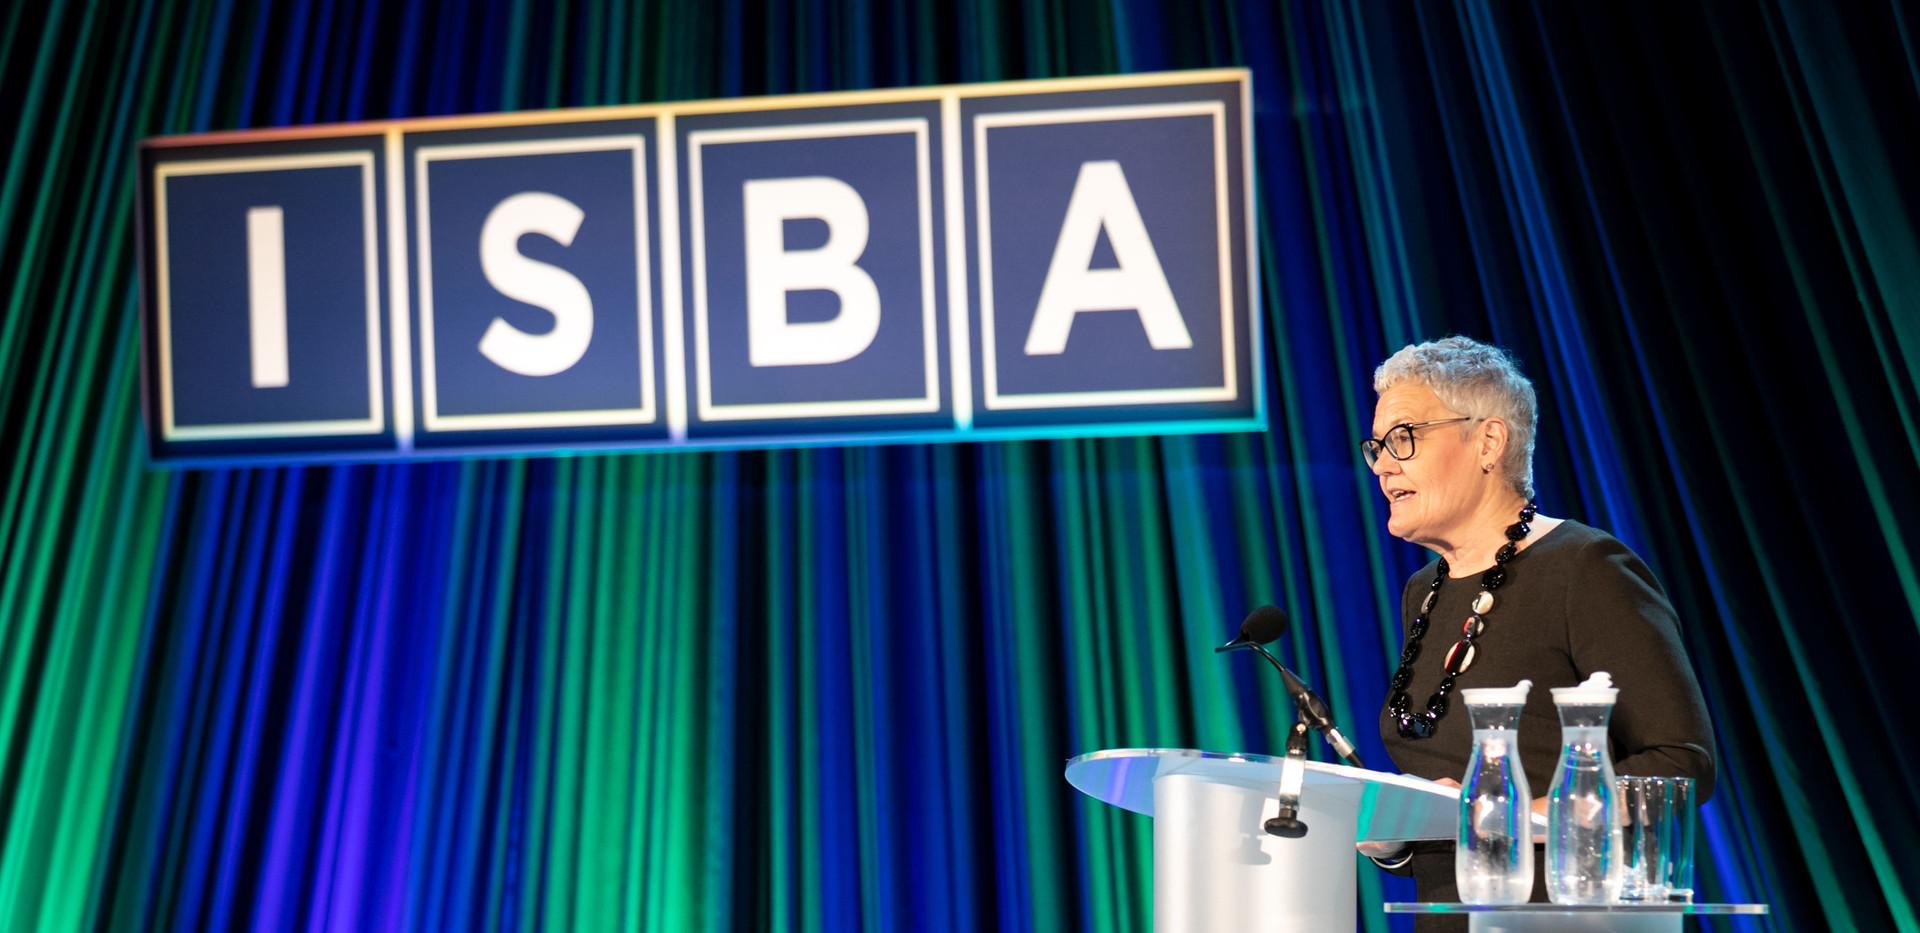 Elizabeth Fagan, ISBA President